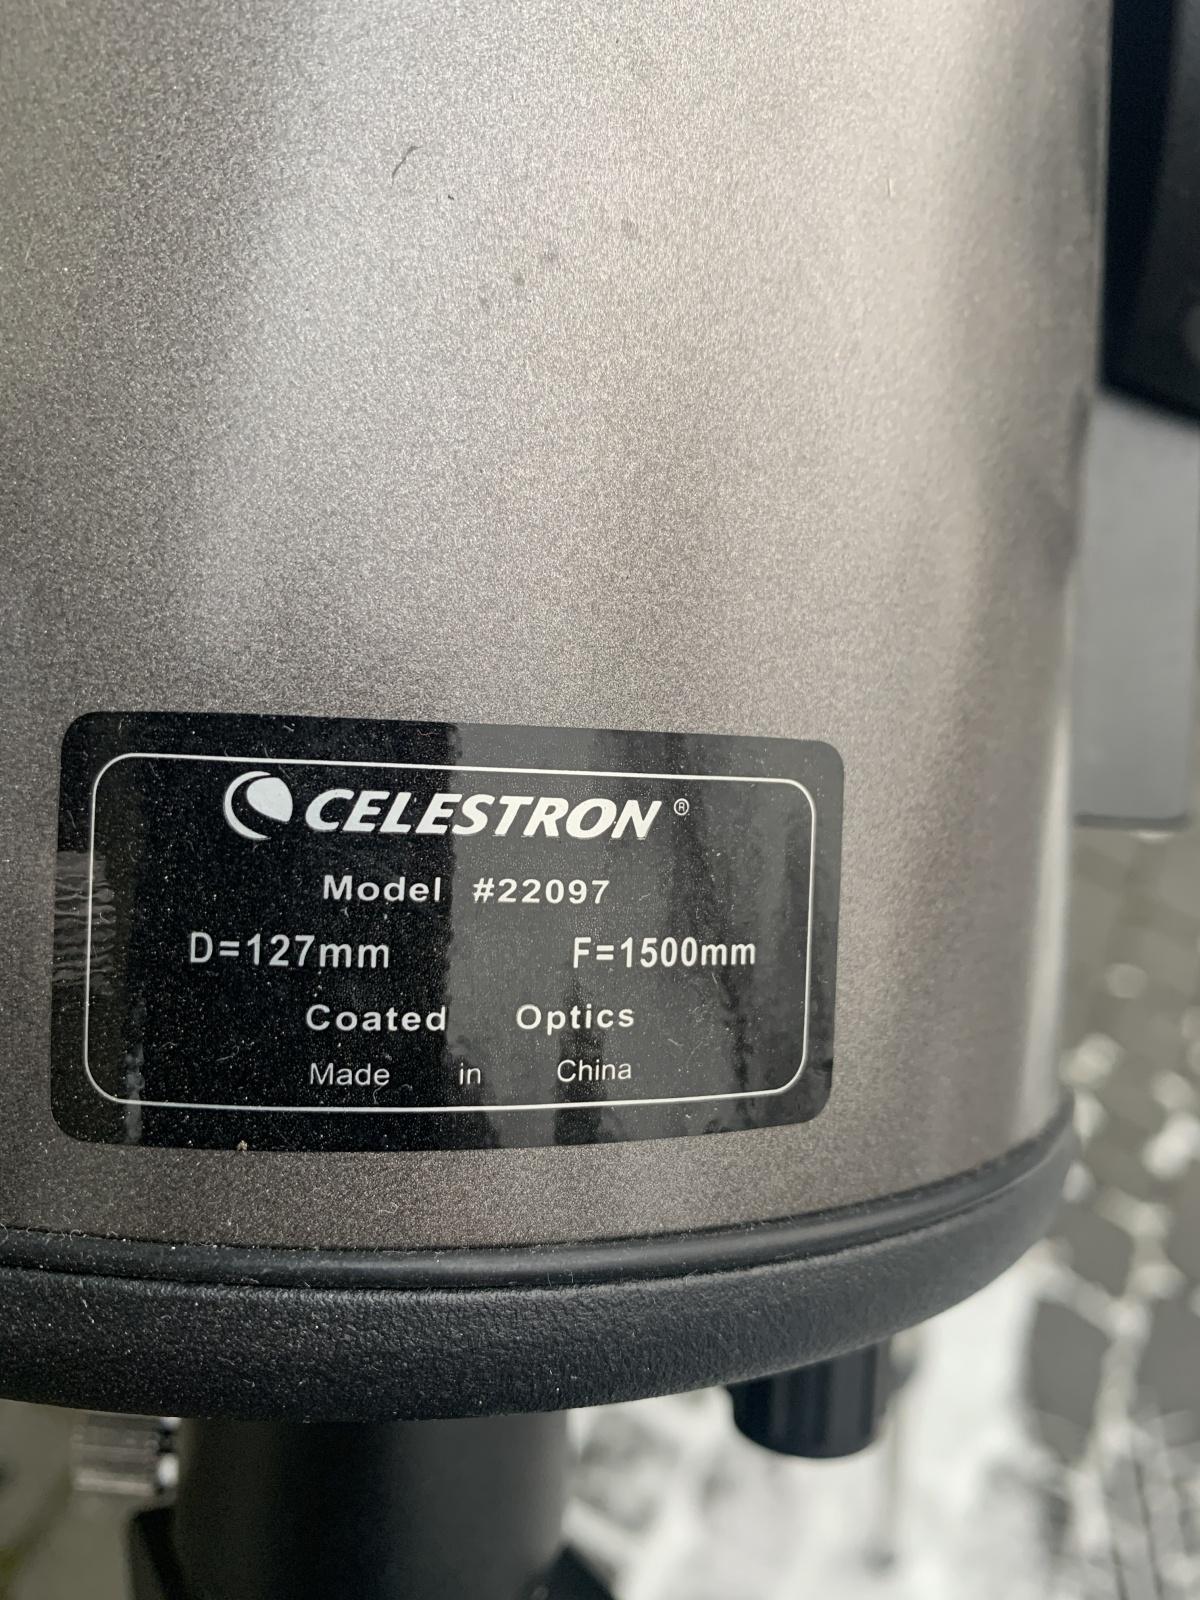 CE2E2459-05DA-465C-B6C0-D4FC21162A39.jpeg